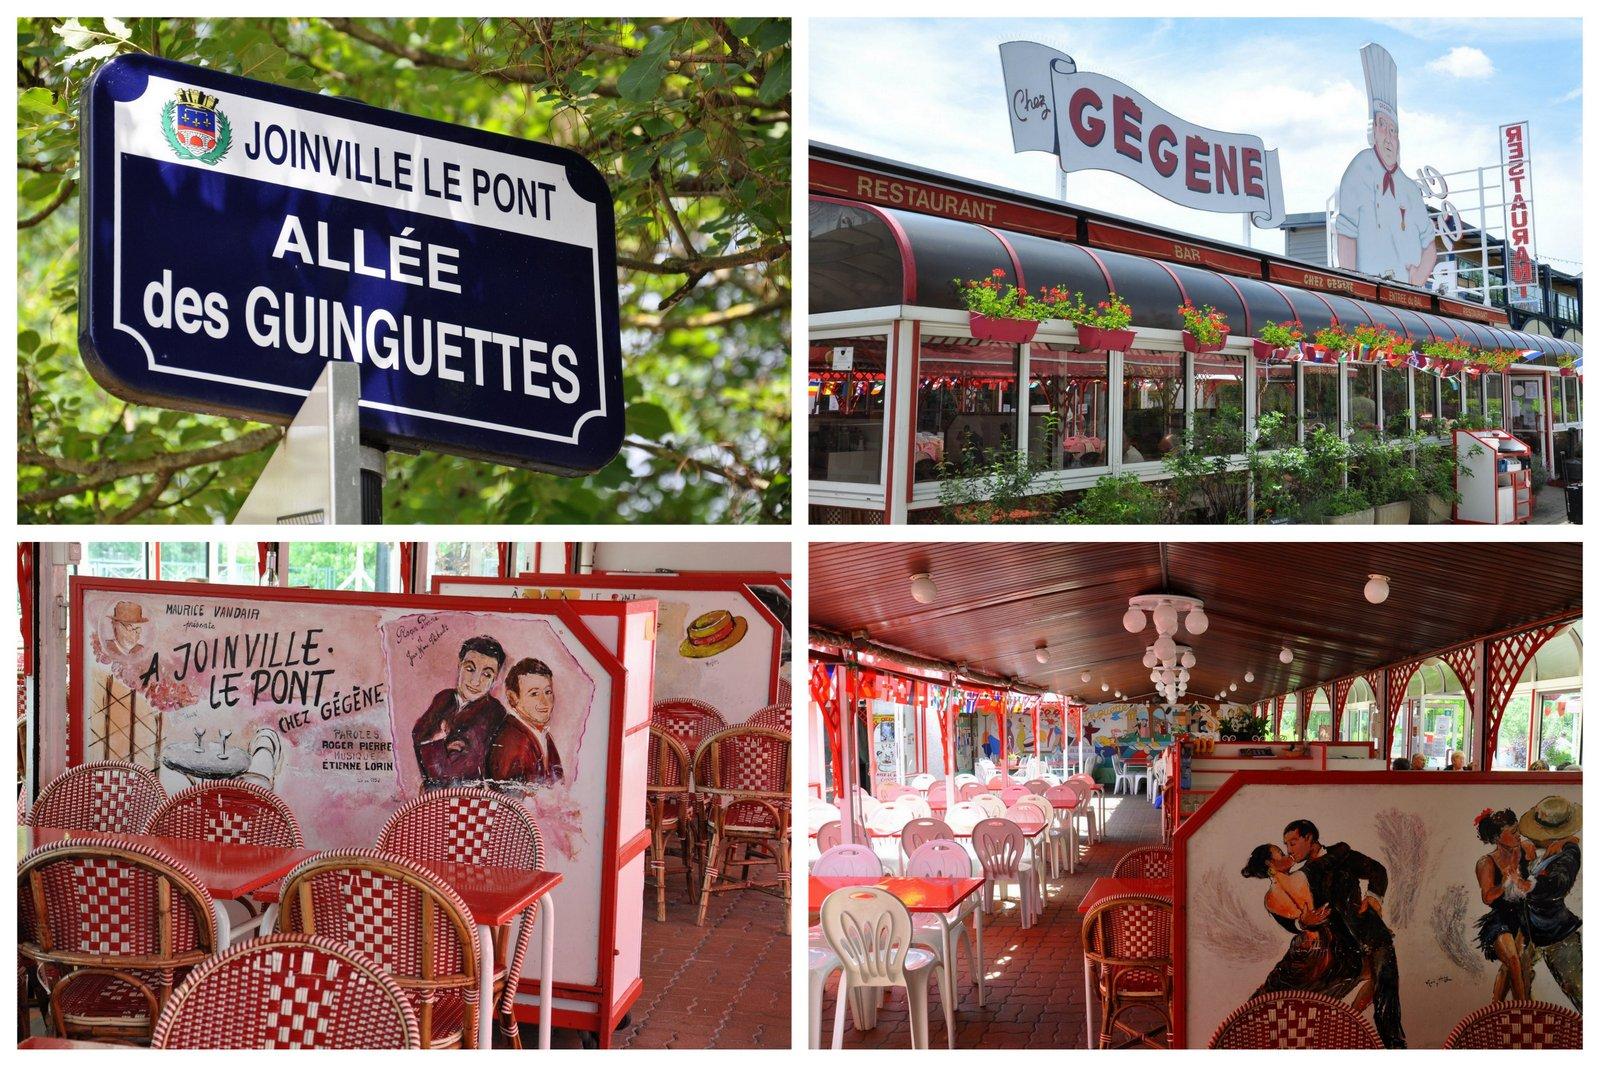 joinville-le-pont-guinguette-chez-gegene